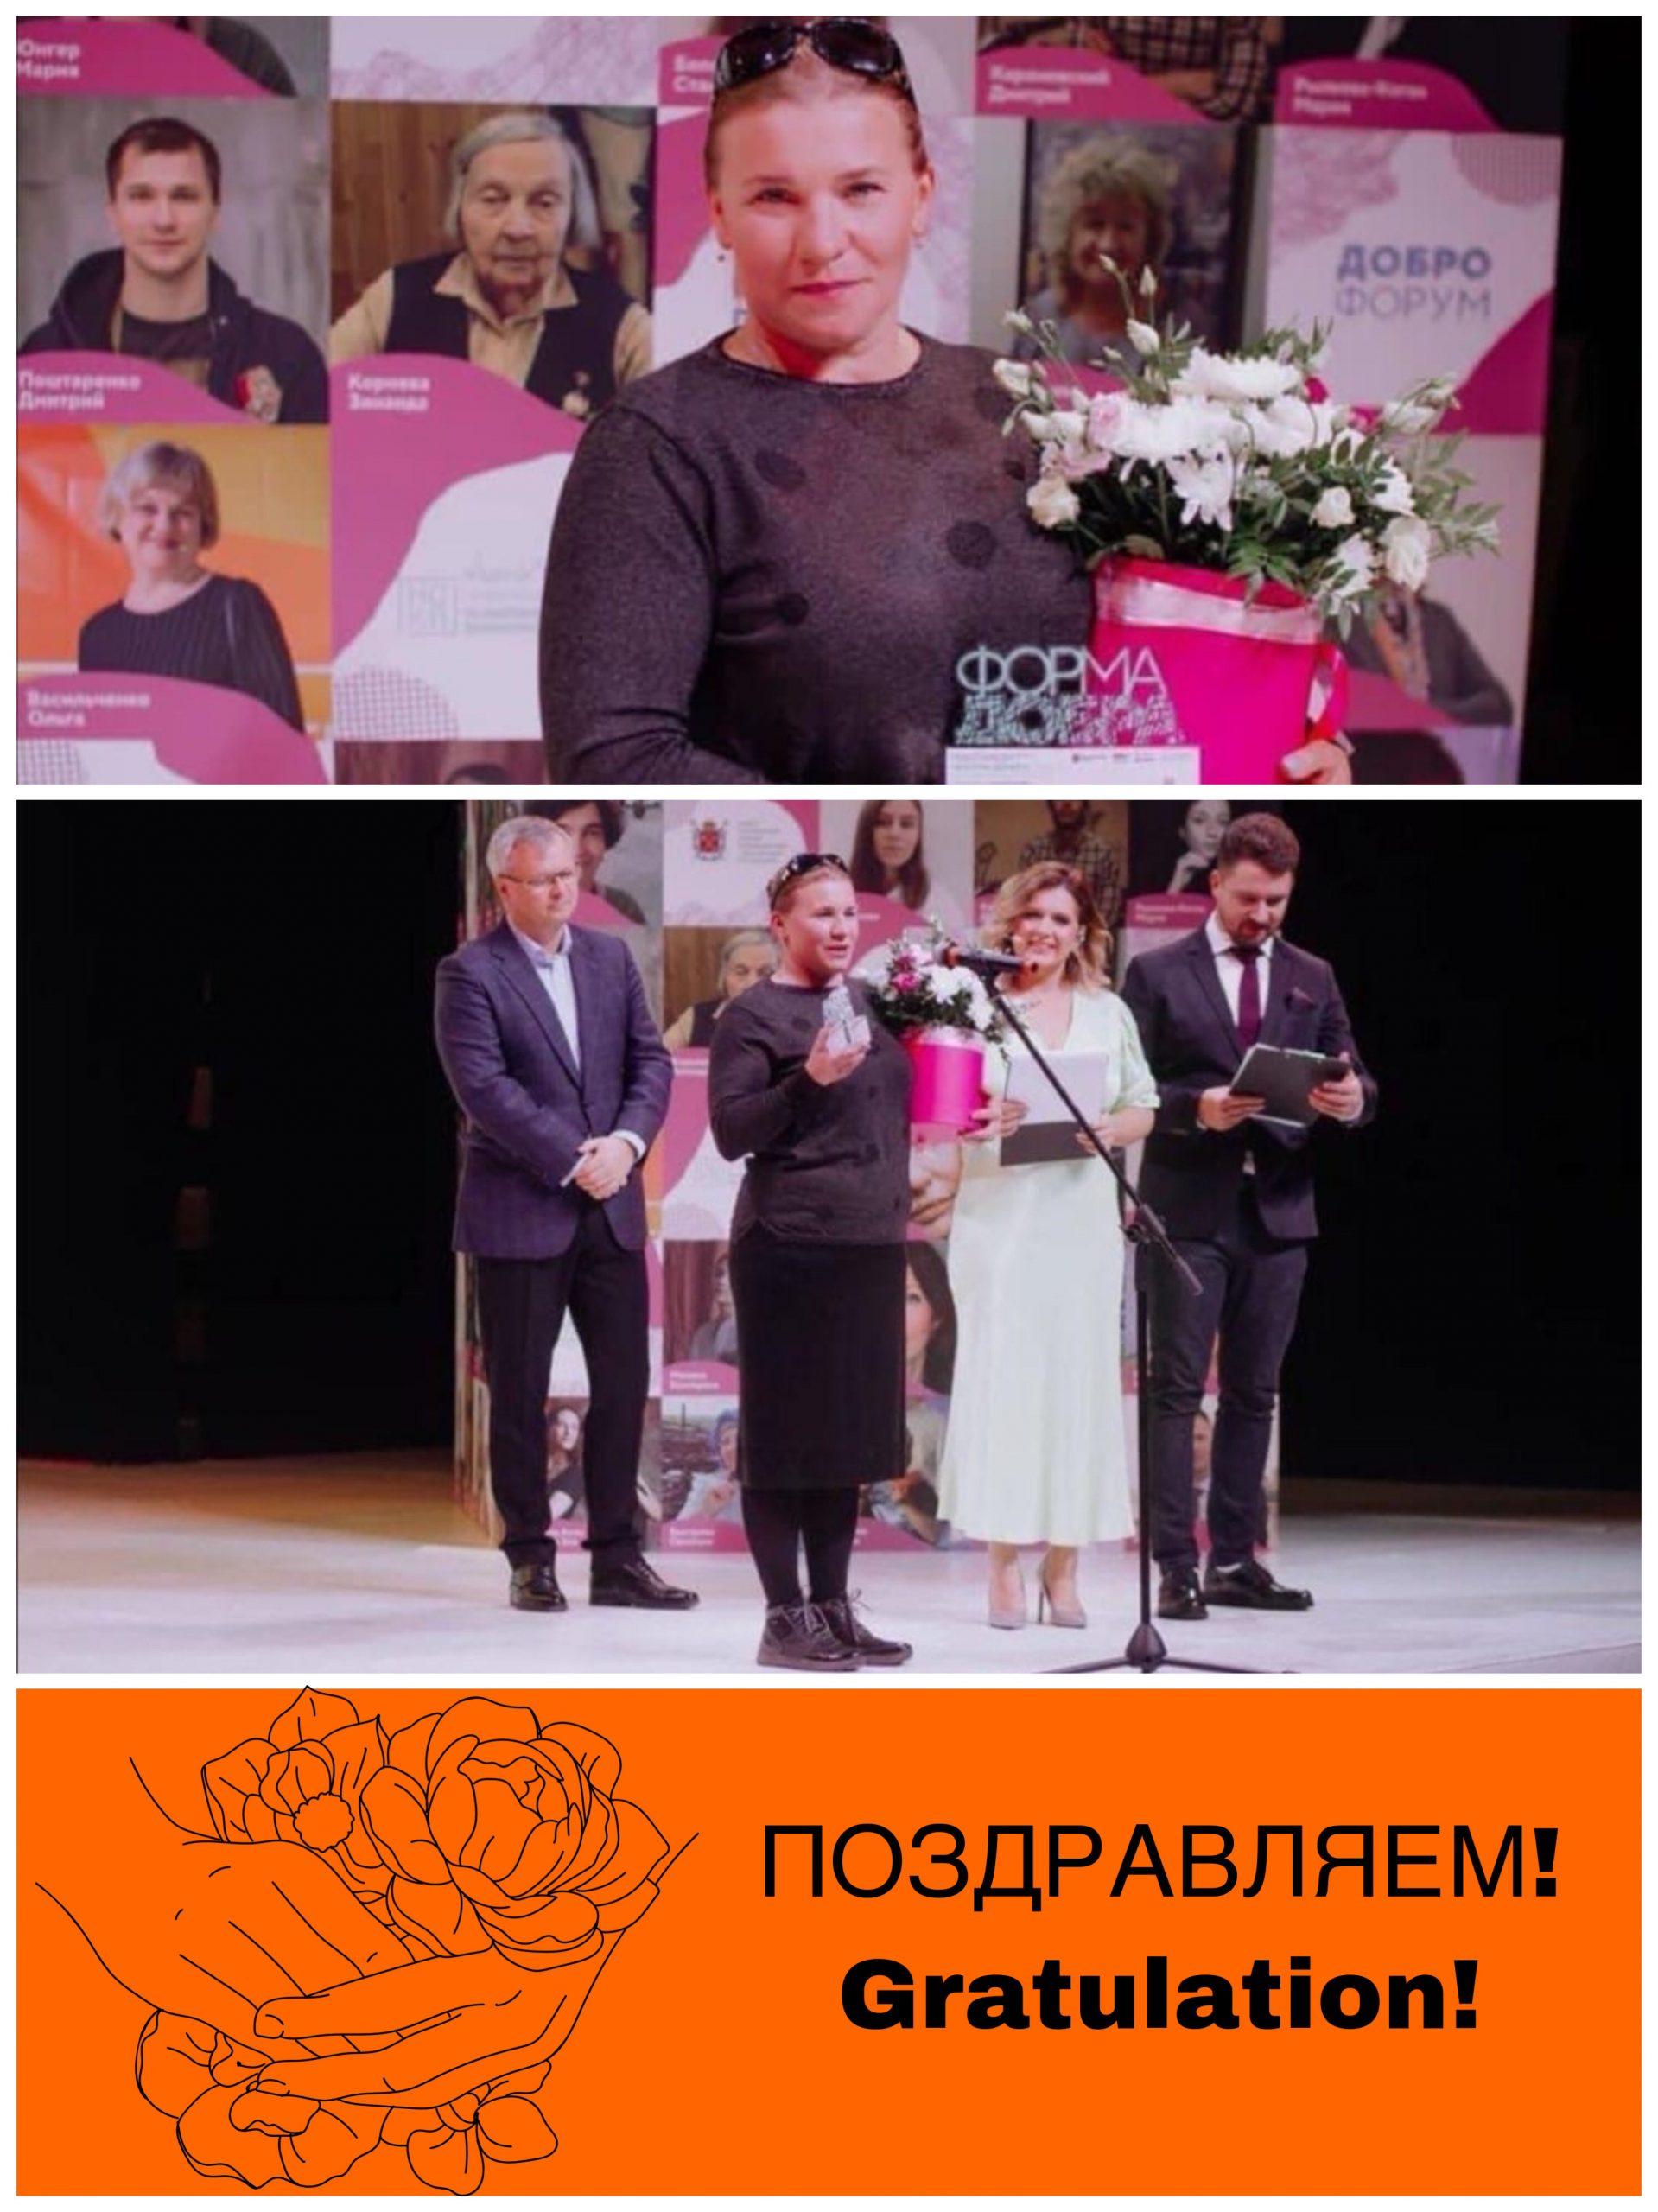 St Petersburg gewinnt einen Preis